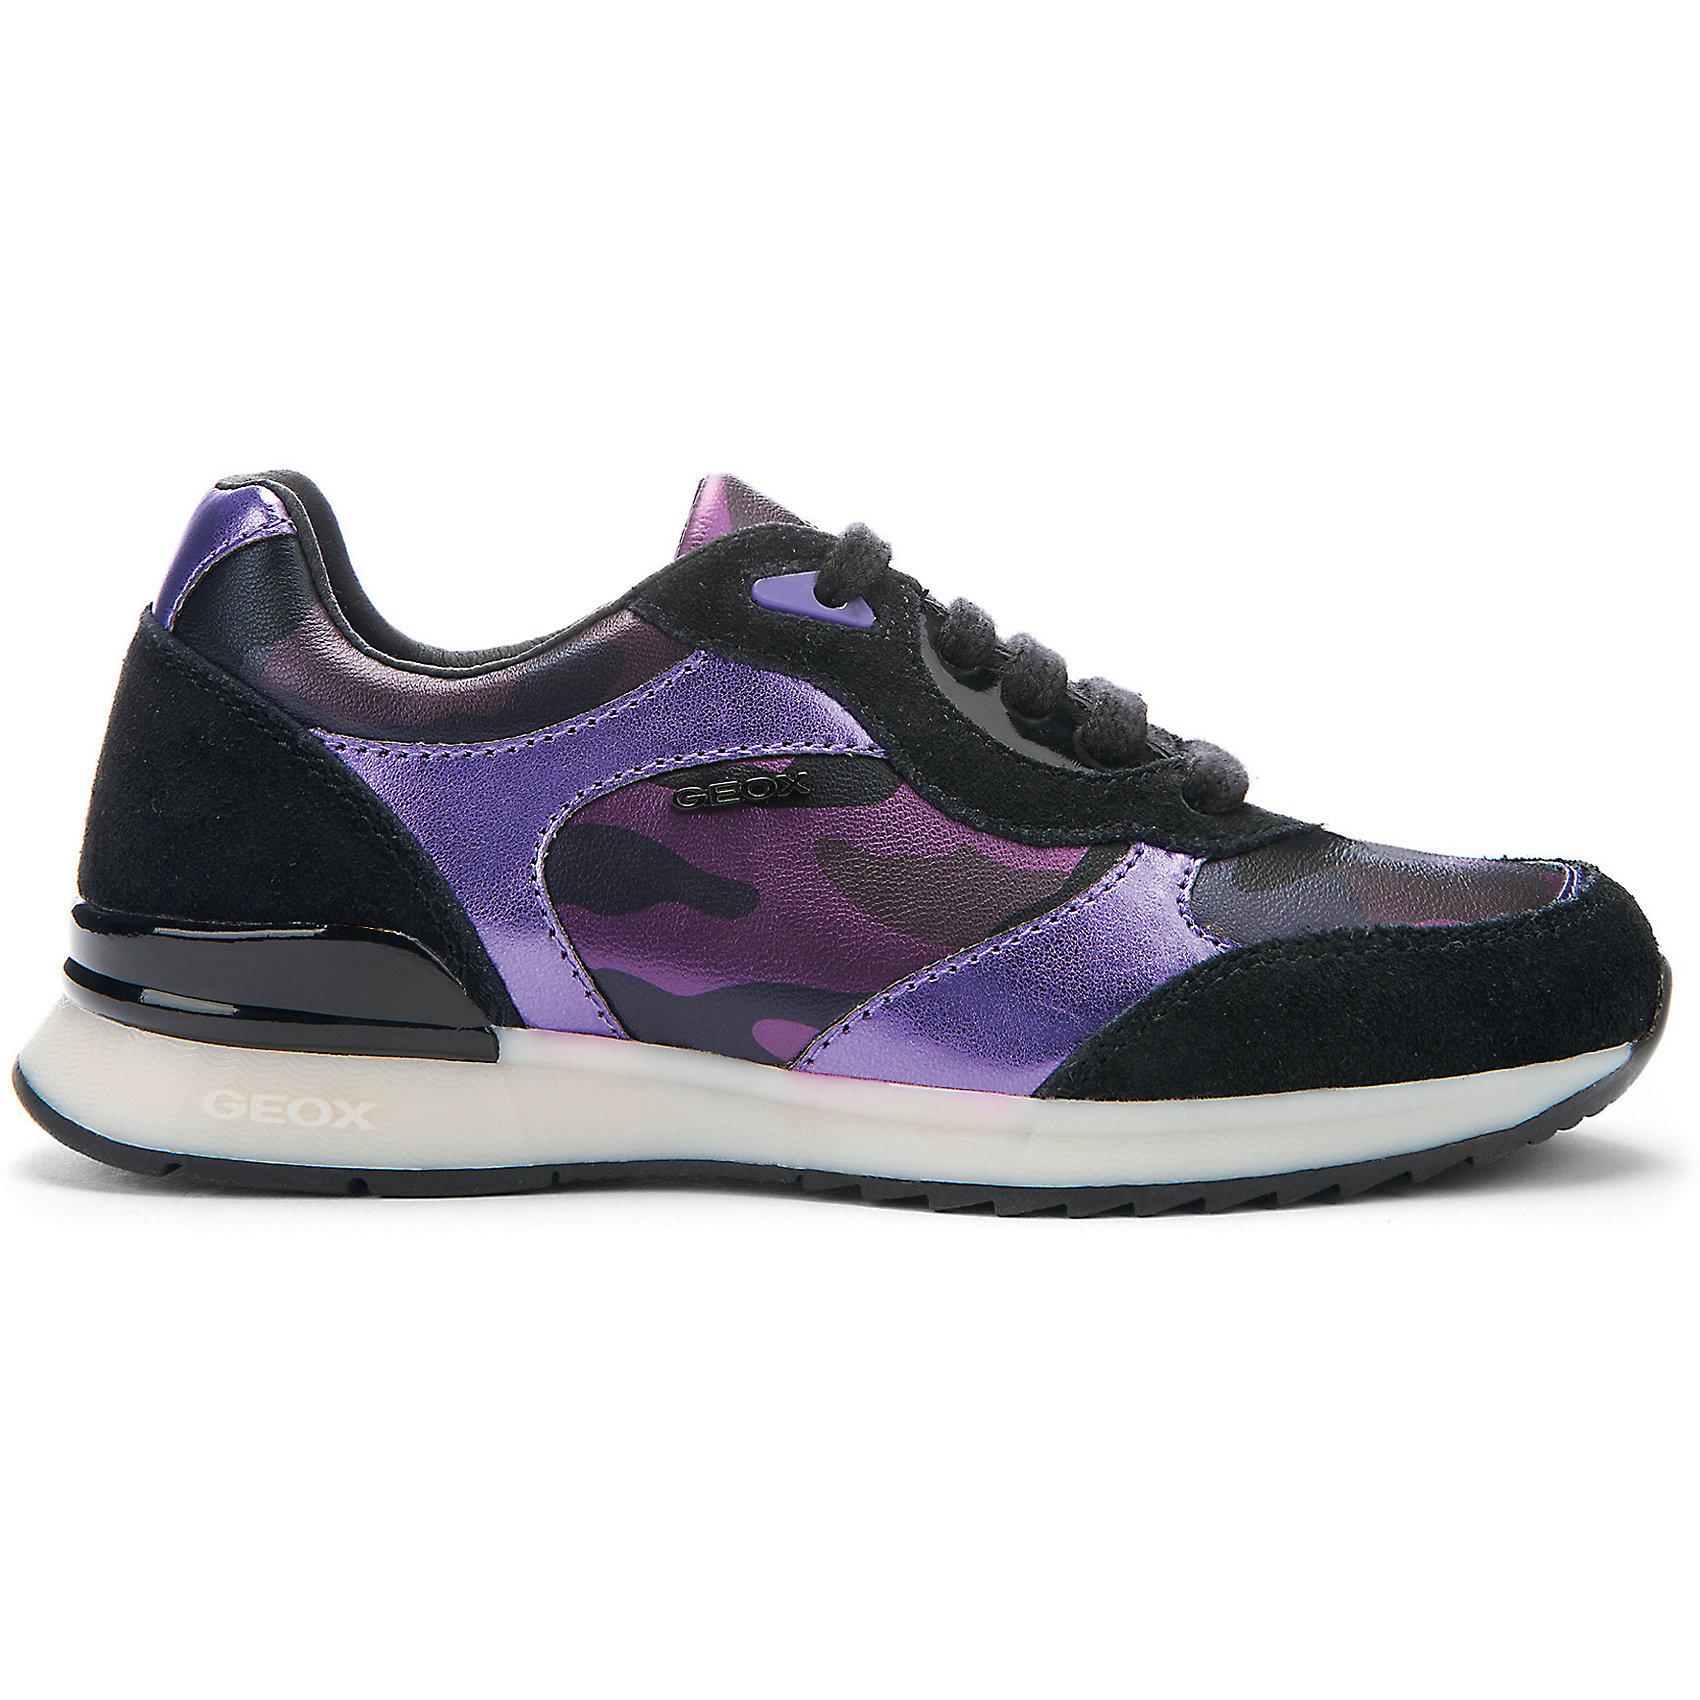 Кроссовки для девочки GEOXКроссовки для девочки от популярной марки GEOX.<br><br>Стильные кроссовки сделаны по уникальной технологии. <br>Производитель обуви GEOX разработал специальную дышащую подошву, которая не пропускает влагу внутрь, а также высокотехнологичную стельку. Кроссовки свободно пропускают к ноге кислород благодаря технологии Respira, что очень важно при активном движении. <br><br>Отличительные особенности модели:<br><br>- цвет: фиолетово-черный;<br>- стильный дизайн;<br>- гибкая водоотталкивающая подошва с дышащей мембраной;<br>- мягкий и легкий верх;<br>- дополнительная защита пятки и пальцев;<br>- эргономичная форма;<br>- удобная шнуровка;<br>- комфортное облегание;<br>- ударопрочная антибактериальная стелька;<br>- верх обуви и подкладка сделаны без использования хрома.<br><br>Дополнительная информация:<br><br>Материал:<br>верх - 42% кожа;<br>подошва - 58% синтетический материал (100% полиуретан);<br>стелька - 79% текстиль (сетка - 100% полиэстер), 21% синтетический материал (100% полиуретан).<br><br>Кроссовки для девочки GEOX (Геокс) можно купить в нашем магазине.<br><br>Ширина мм: 250<br>Глубина мм: 150<br>Высота мм: 150<br>Вес г: 250<br>Цвет: фиолетовый<br>Возраст от месяцев: 120<br>Возраст до месяцев: 132<br>Пол: Женский<br>Возраст: Детский<br>Размер: 34,38,39,31,32,33,35,36,37<br>SKU: 4178306